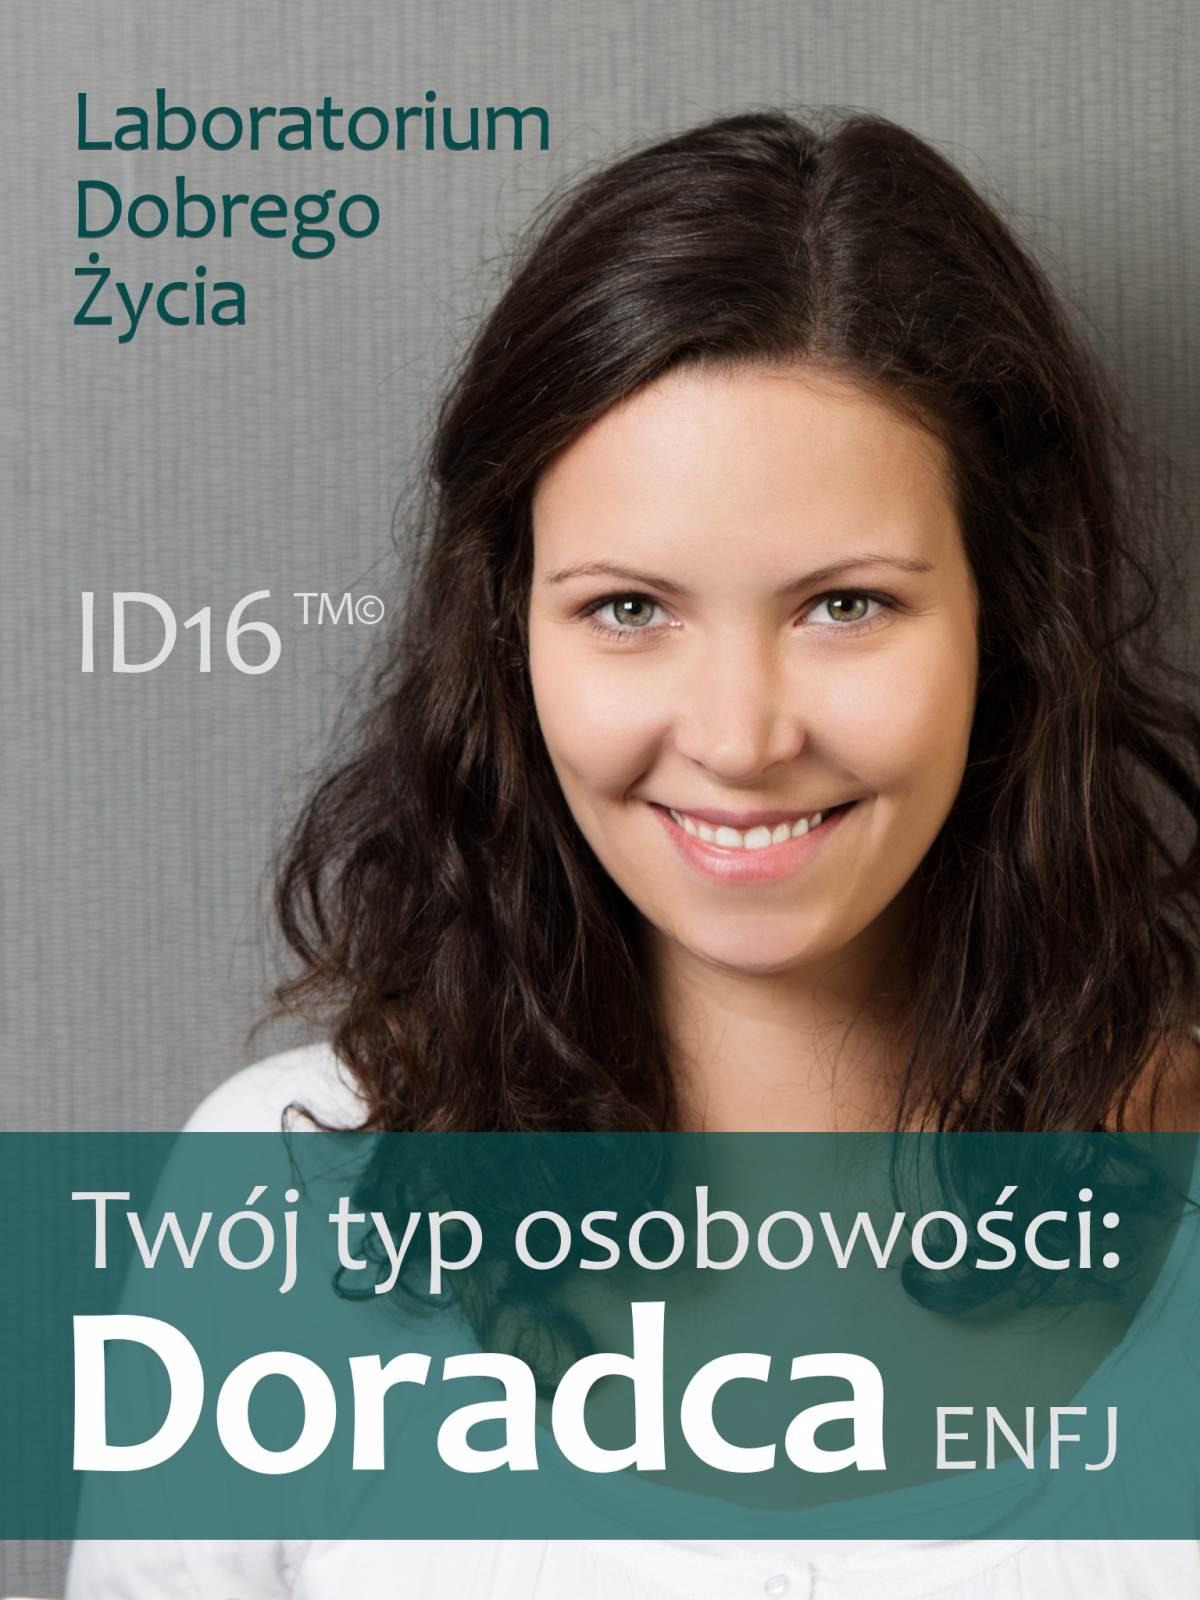 Twój typ osobowości: Doradca (ENFJ) - Ebook (Książka EPUB) do pobrania w formacie EPUB